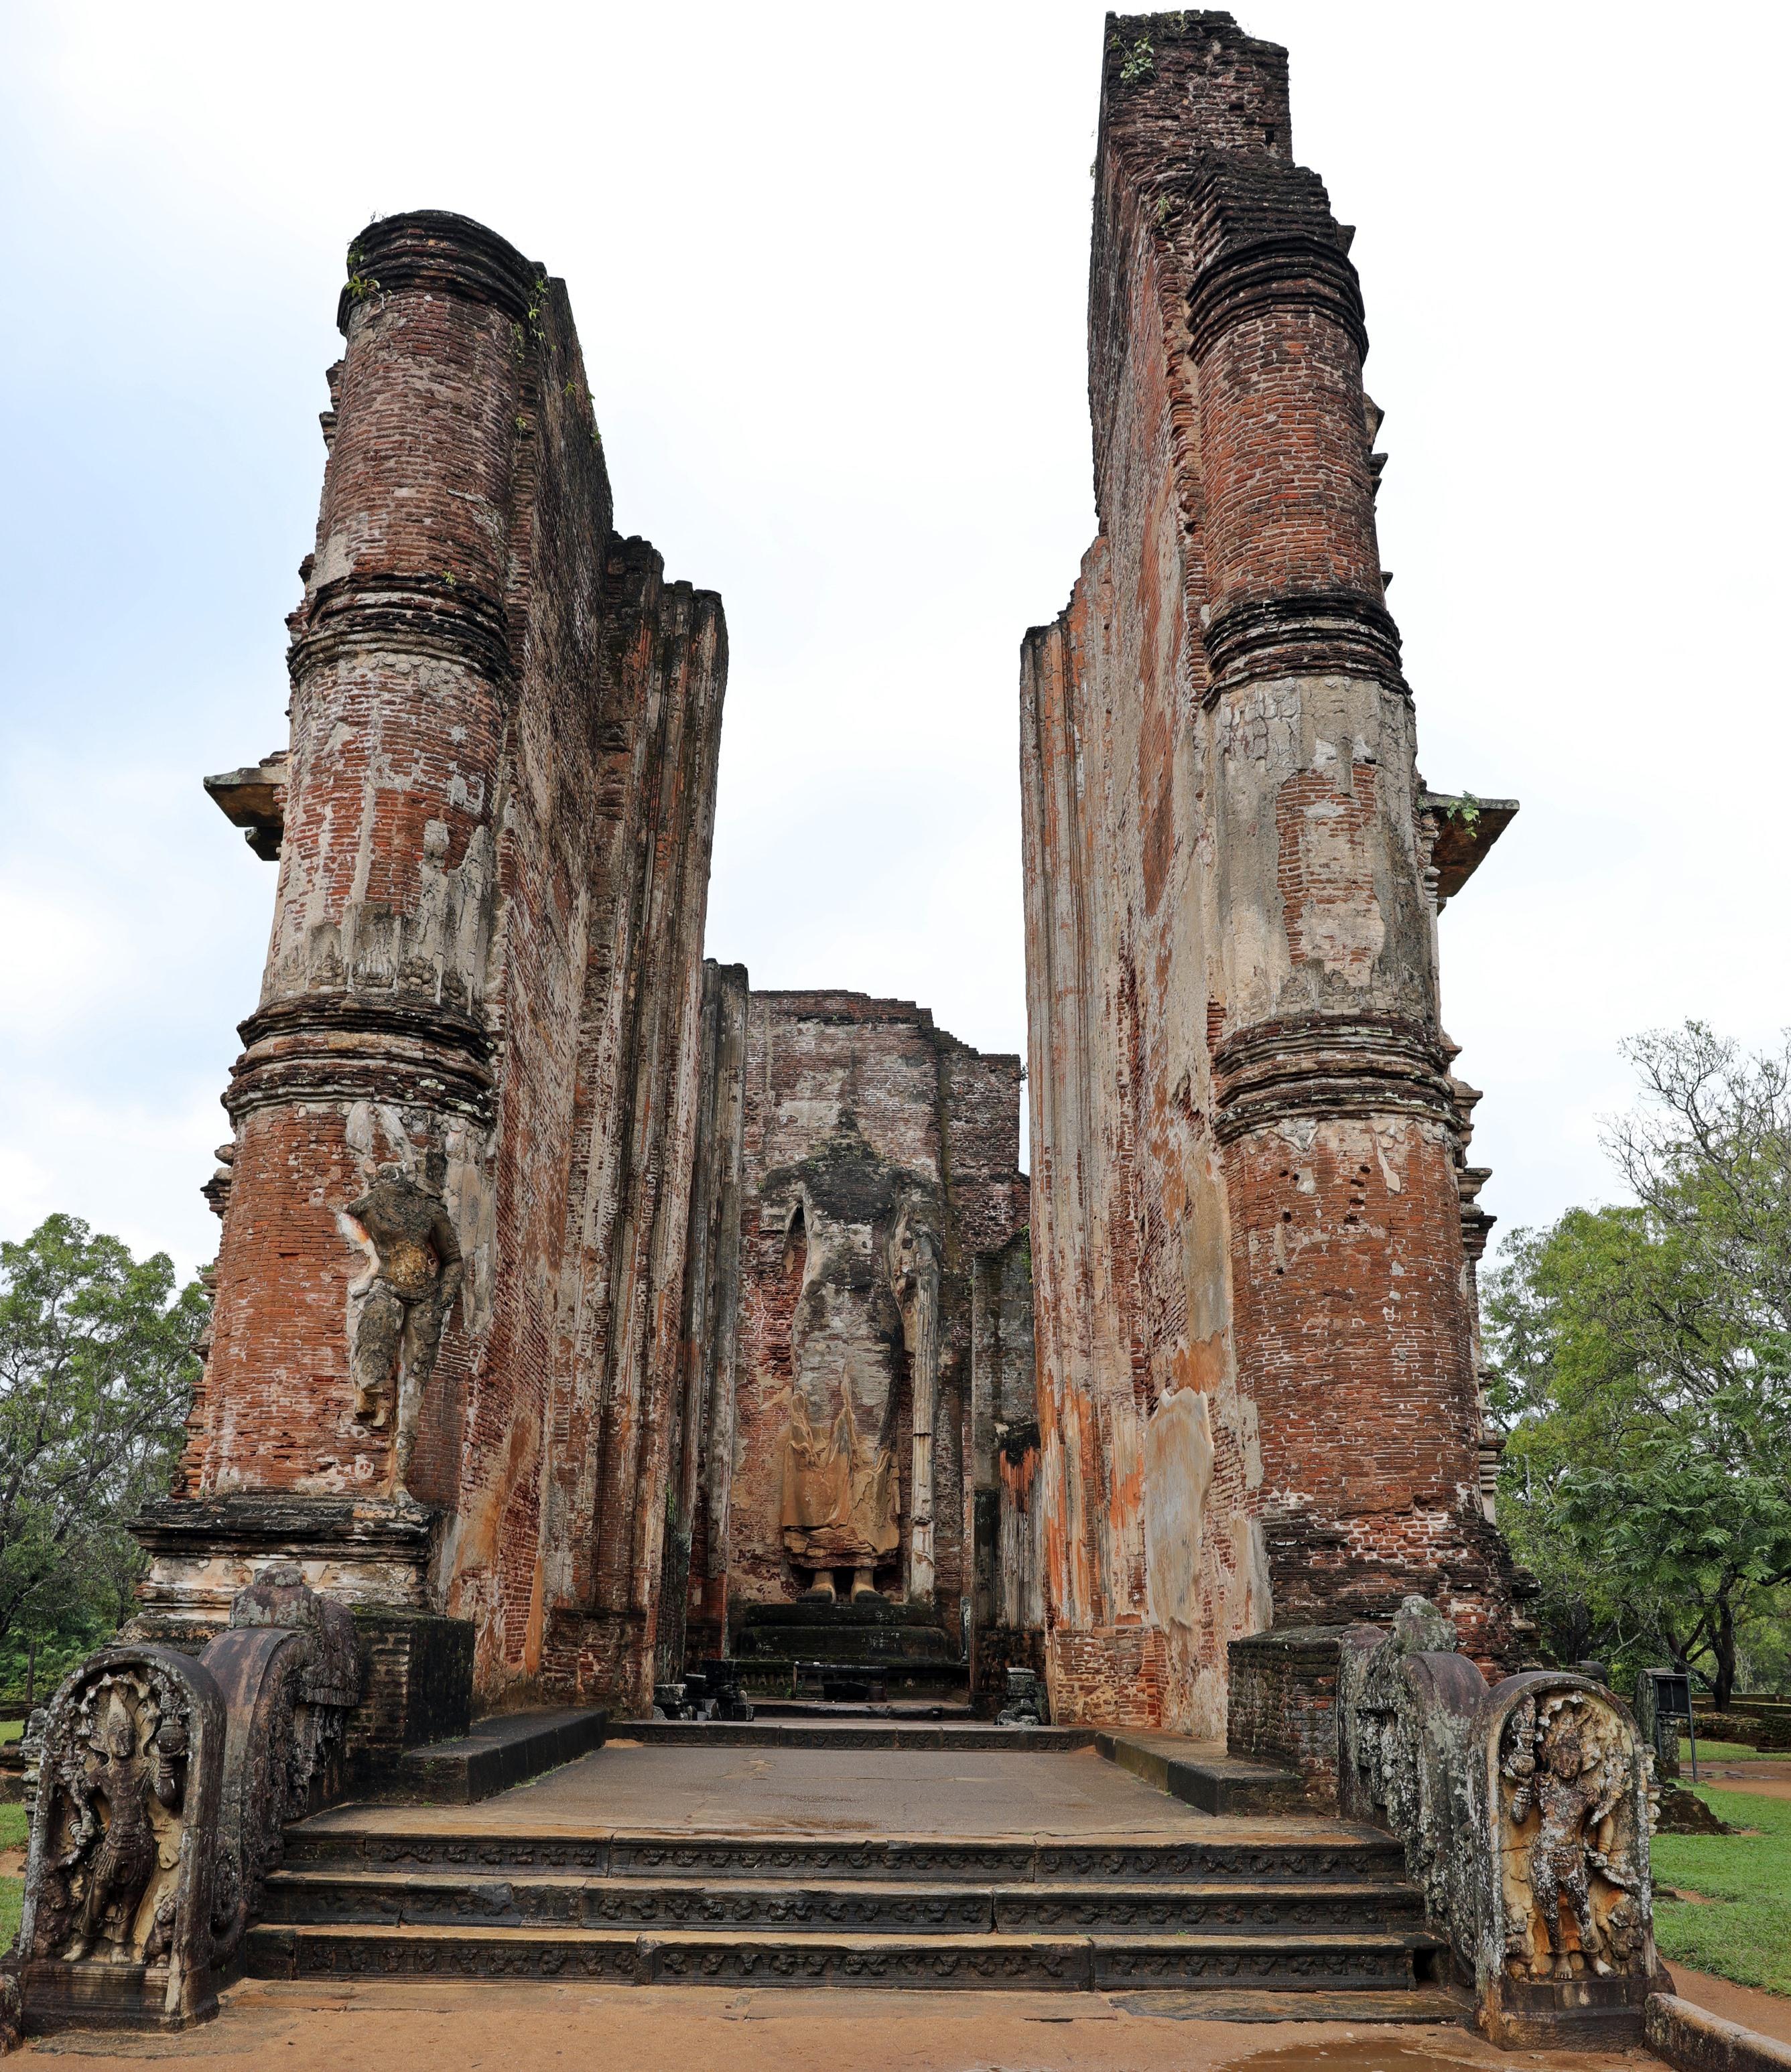 Lankatilaka, Polonnaruwa